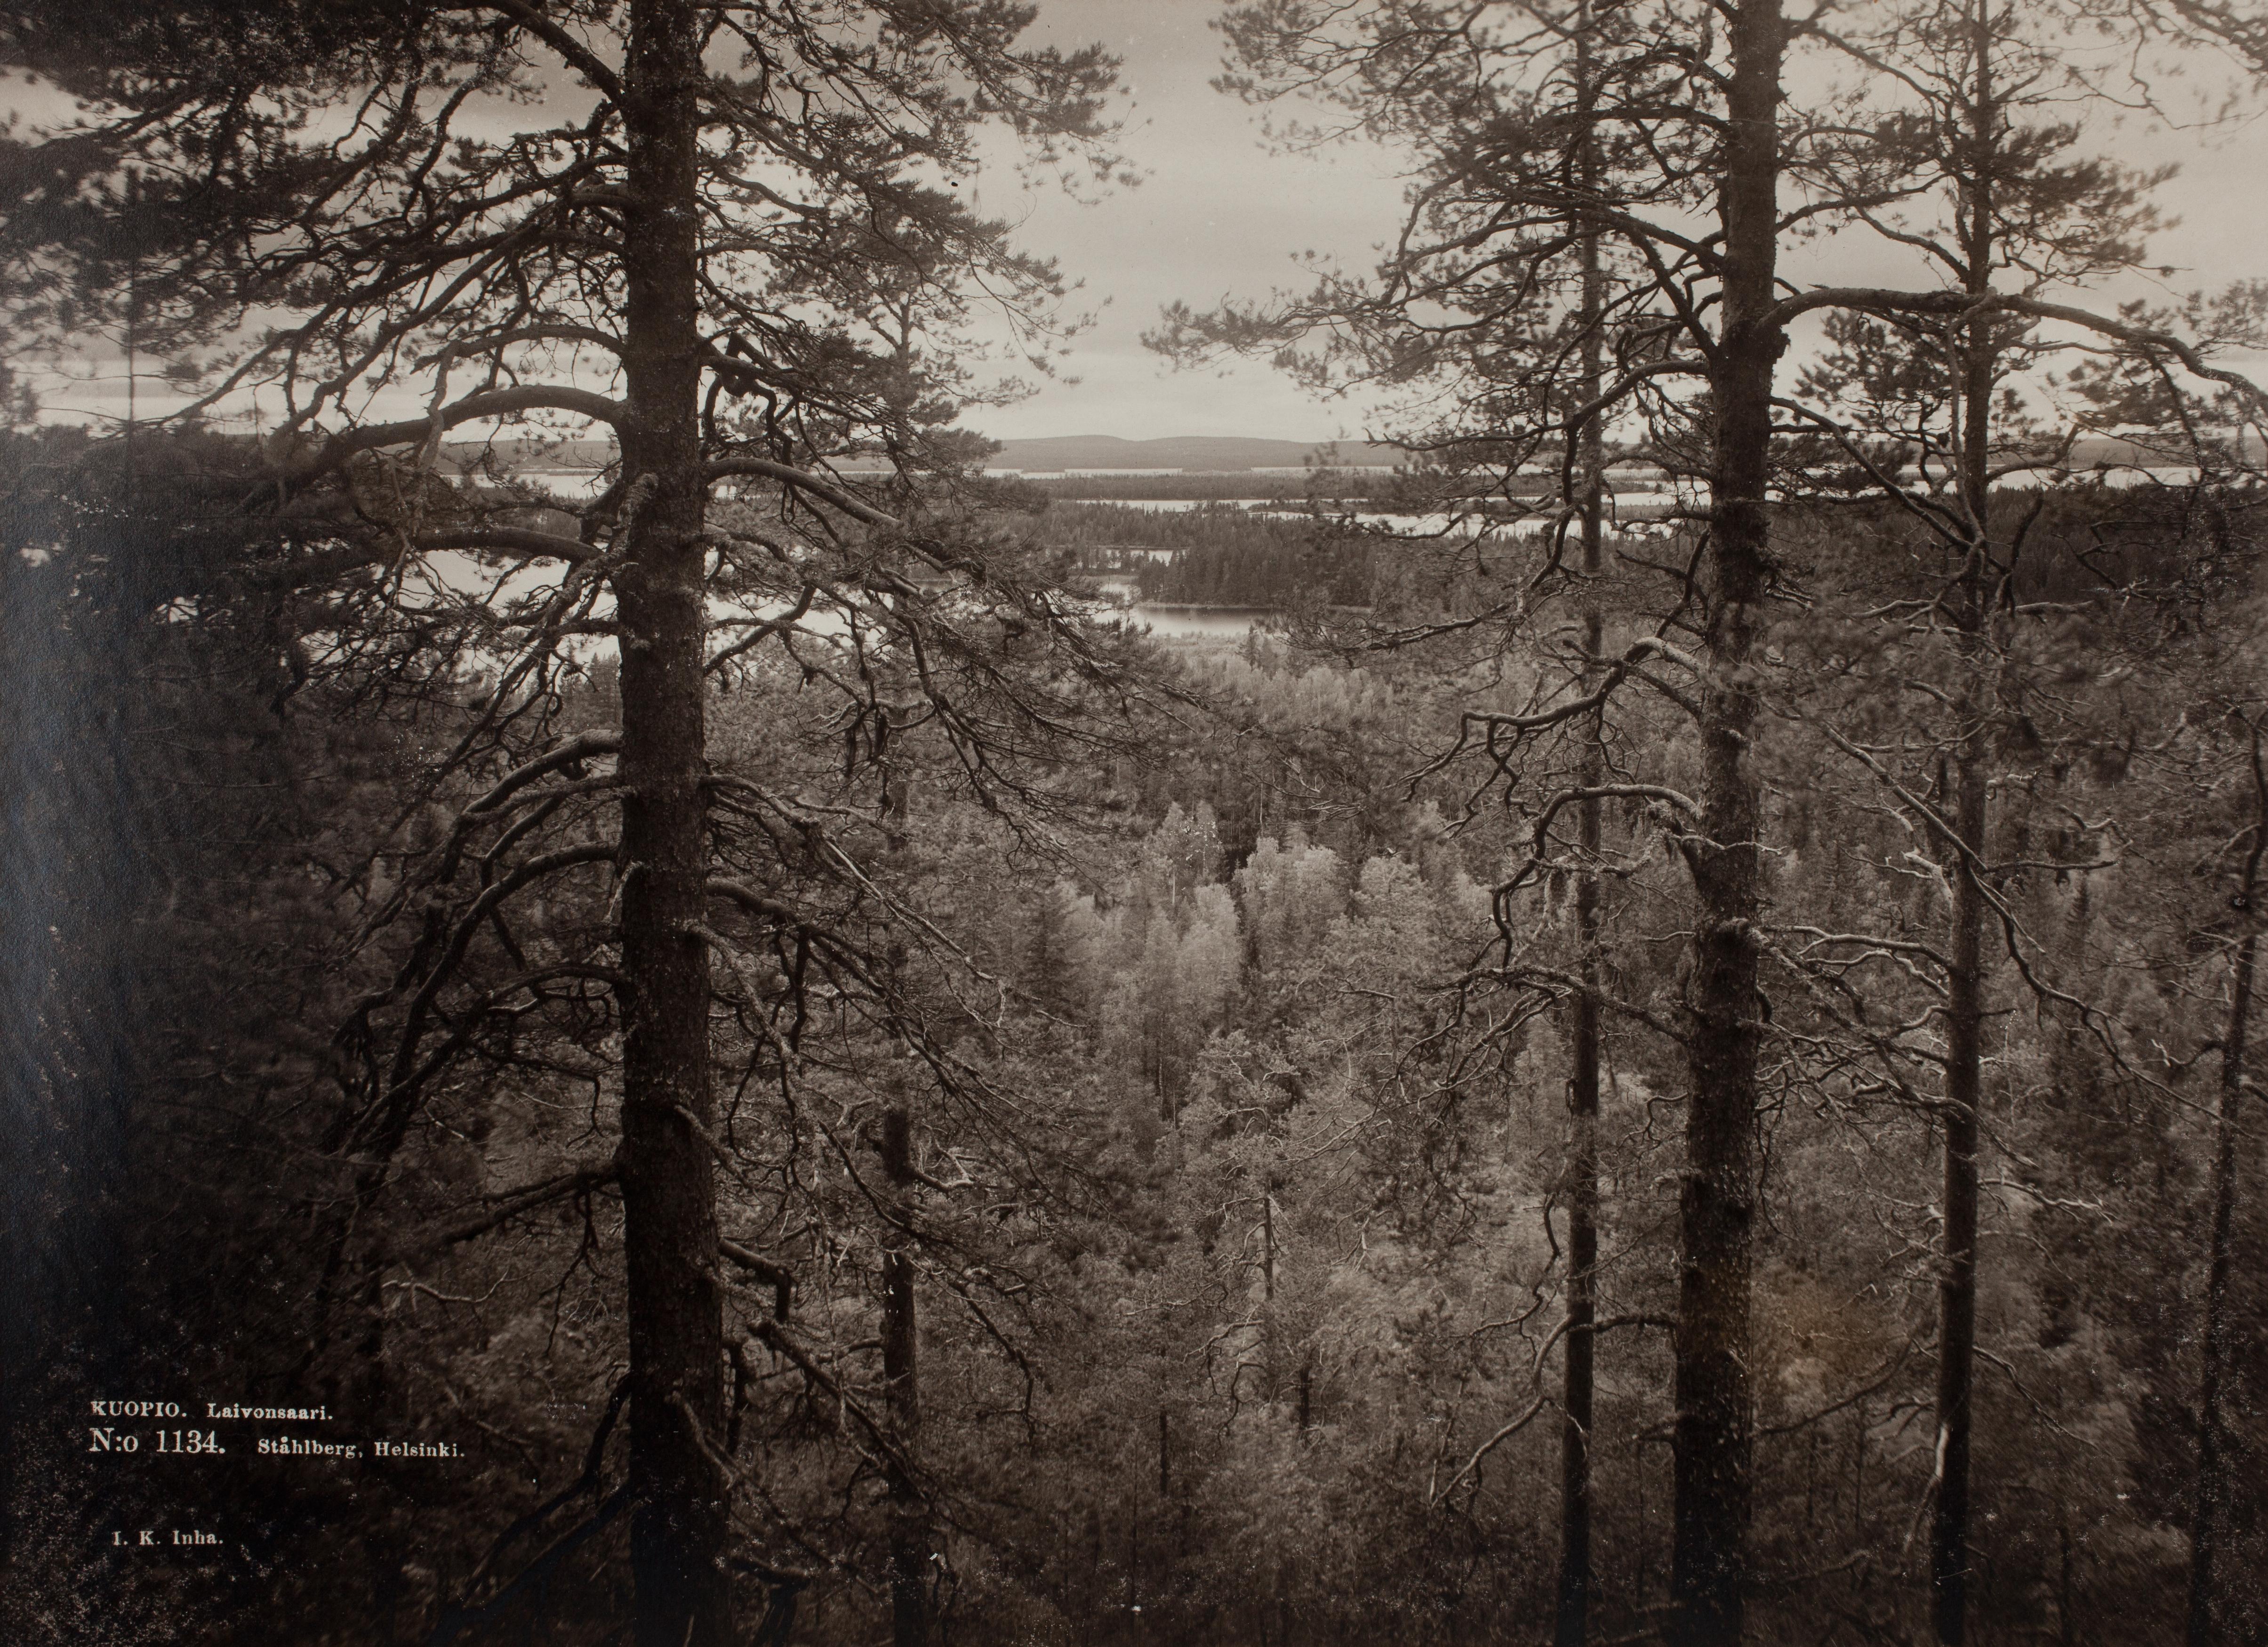 Floresta em Laivonsaari, uma ilha de um lado perto de Kuopio, no centro-leste da Finlândia [c. 1893]